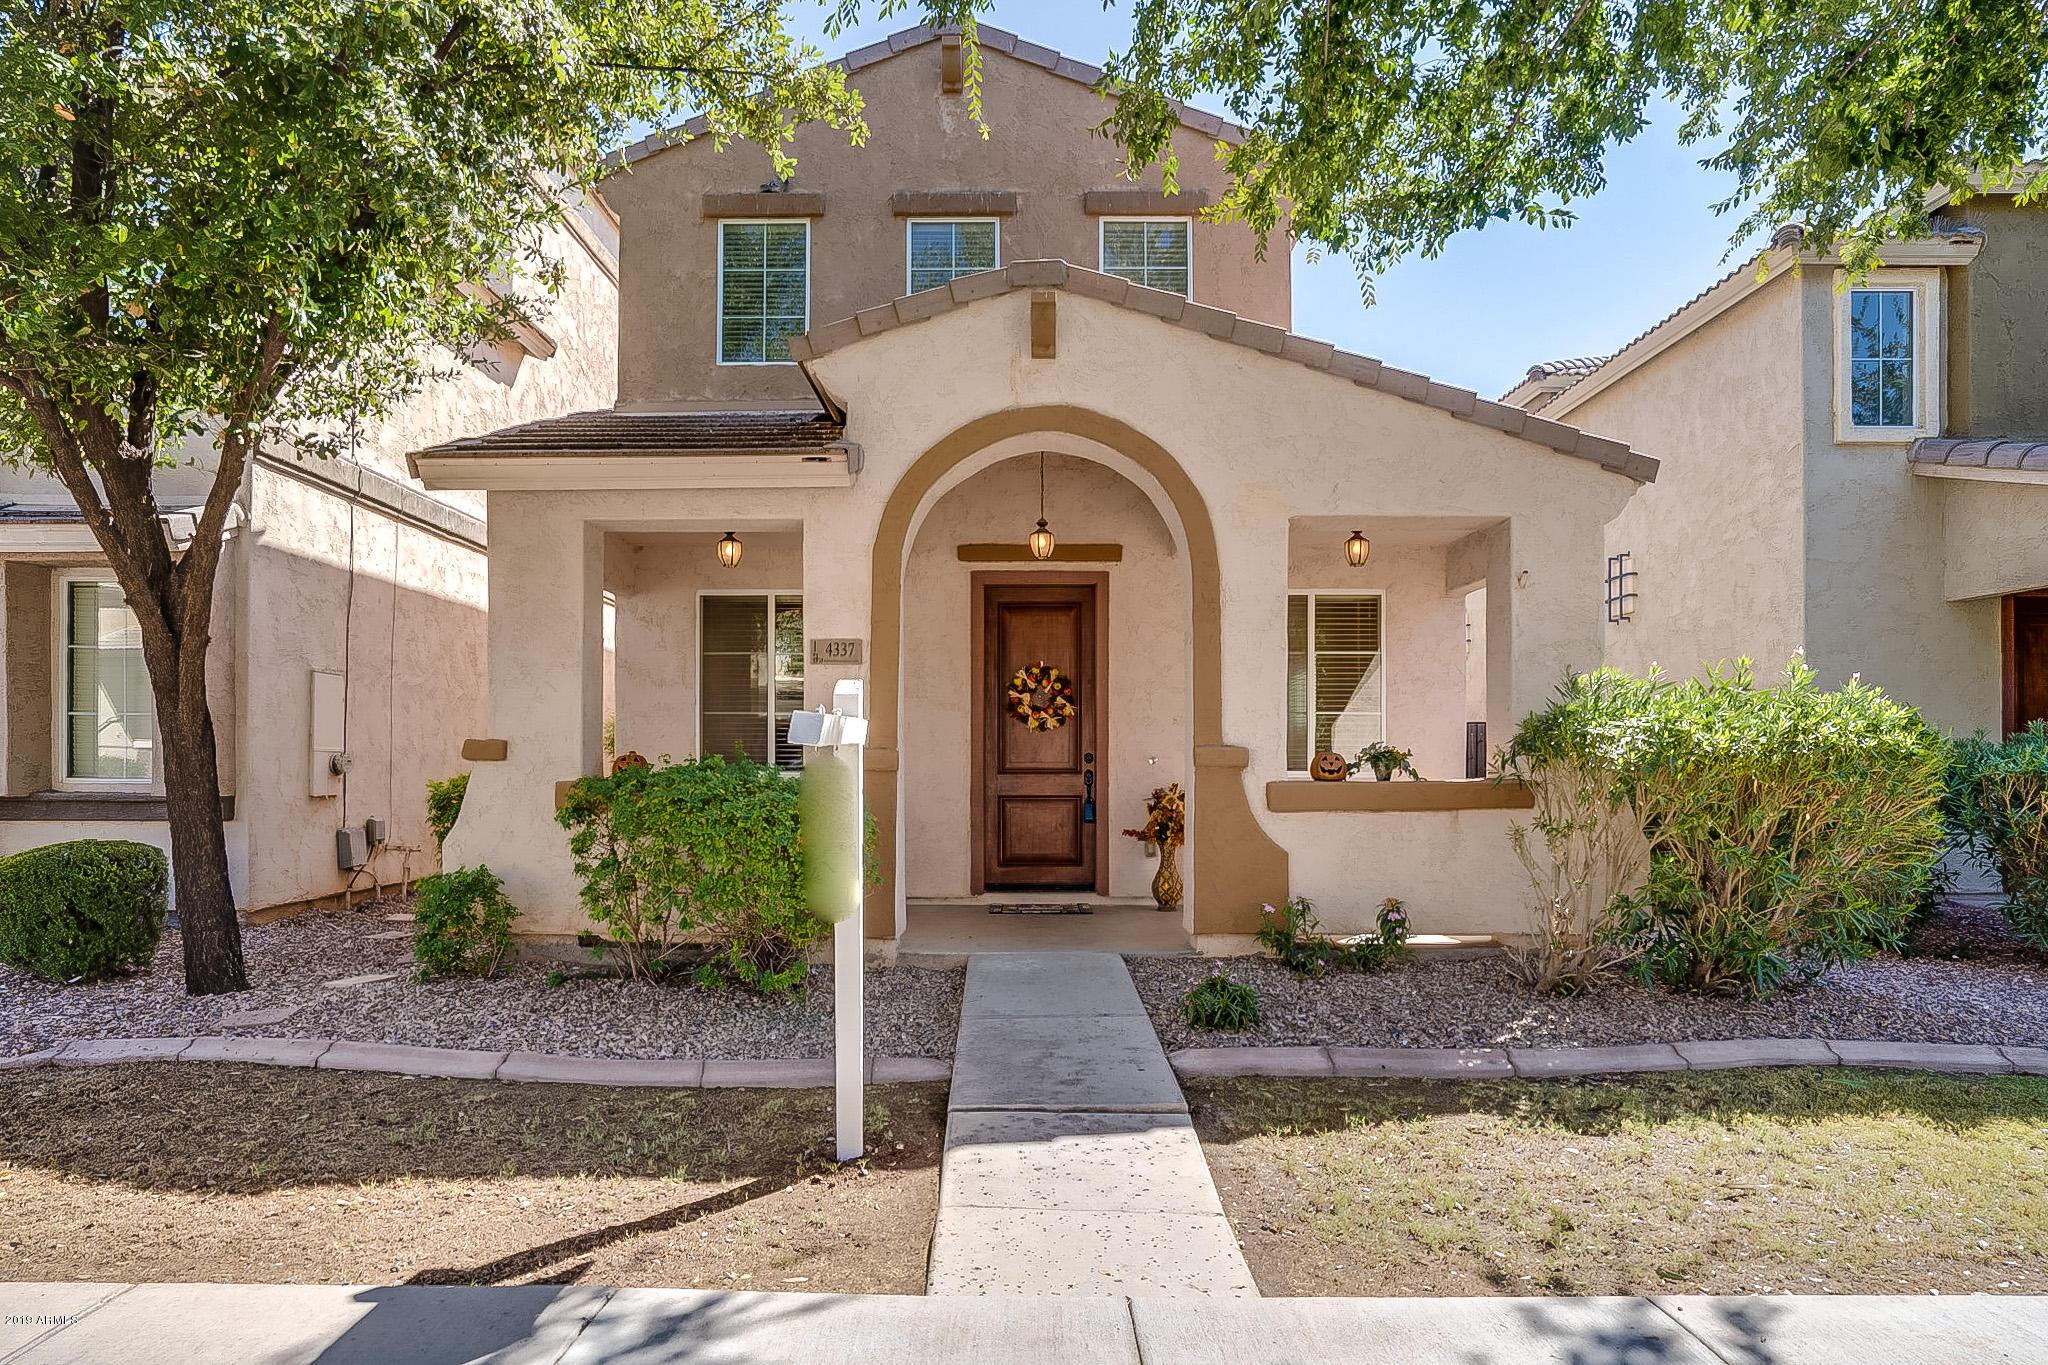 Photo of 4337 E TYSON Street, Gilbert, AZ 85295